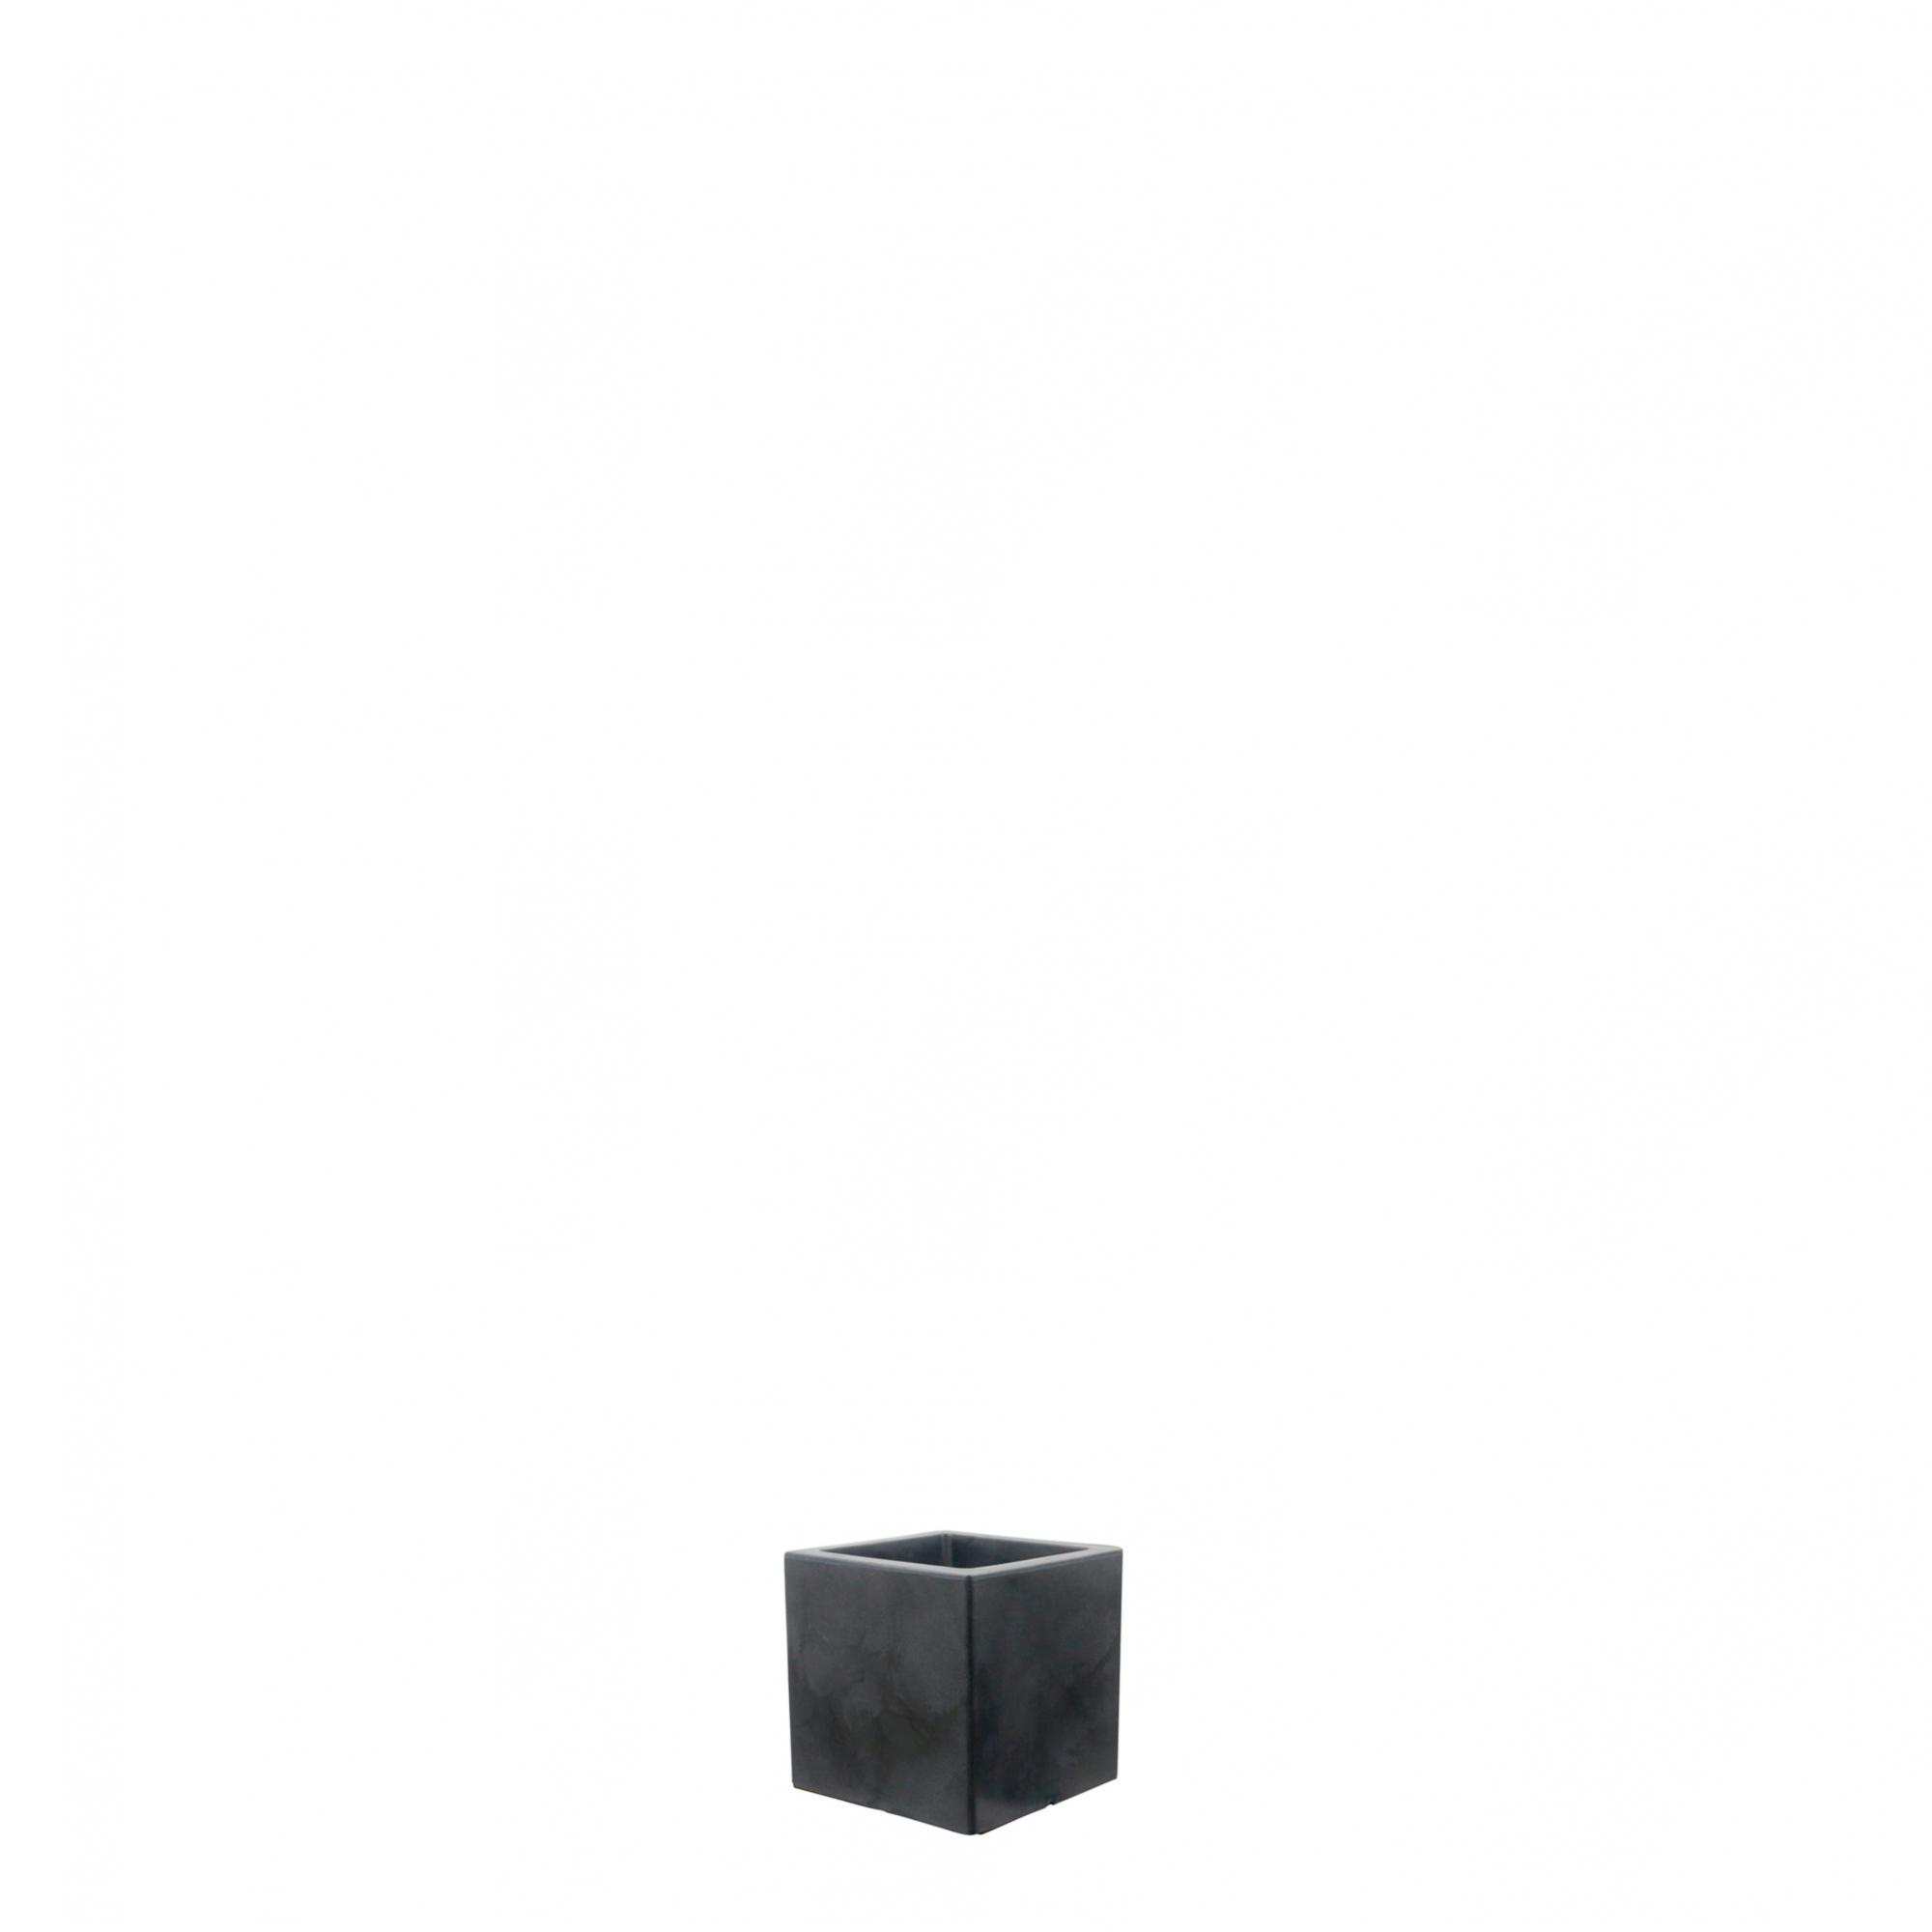 Vaso Cubo 20 x 20 cm - VASART